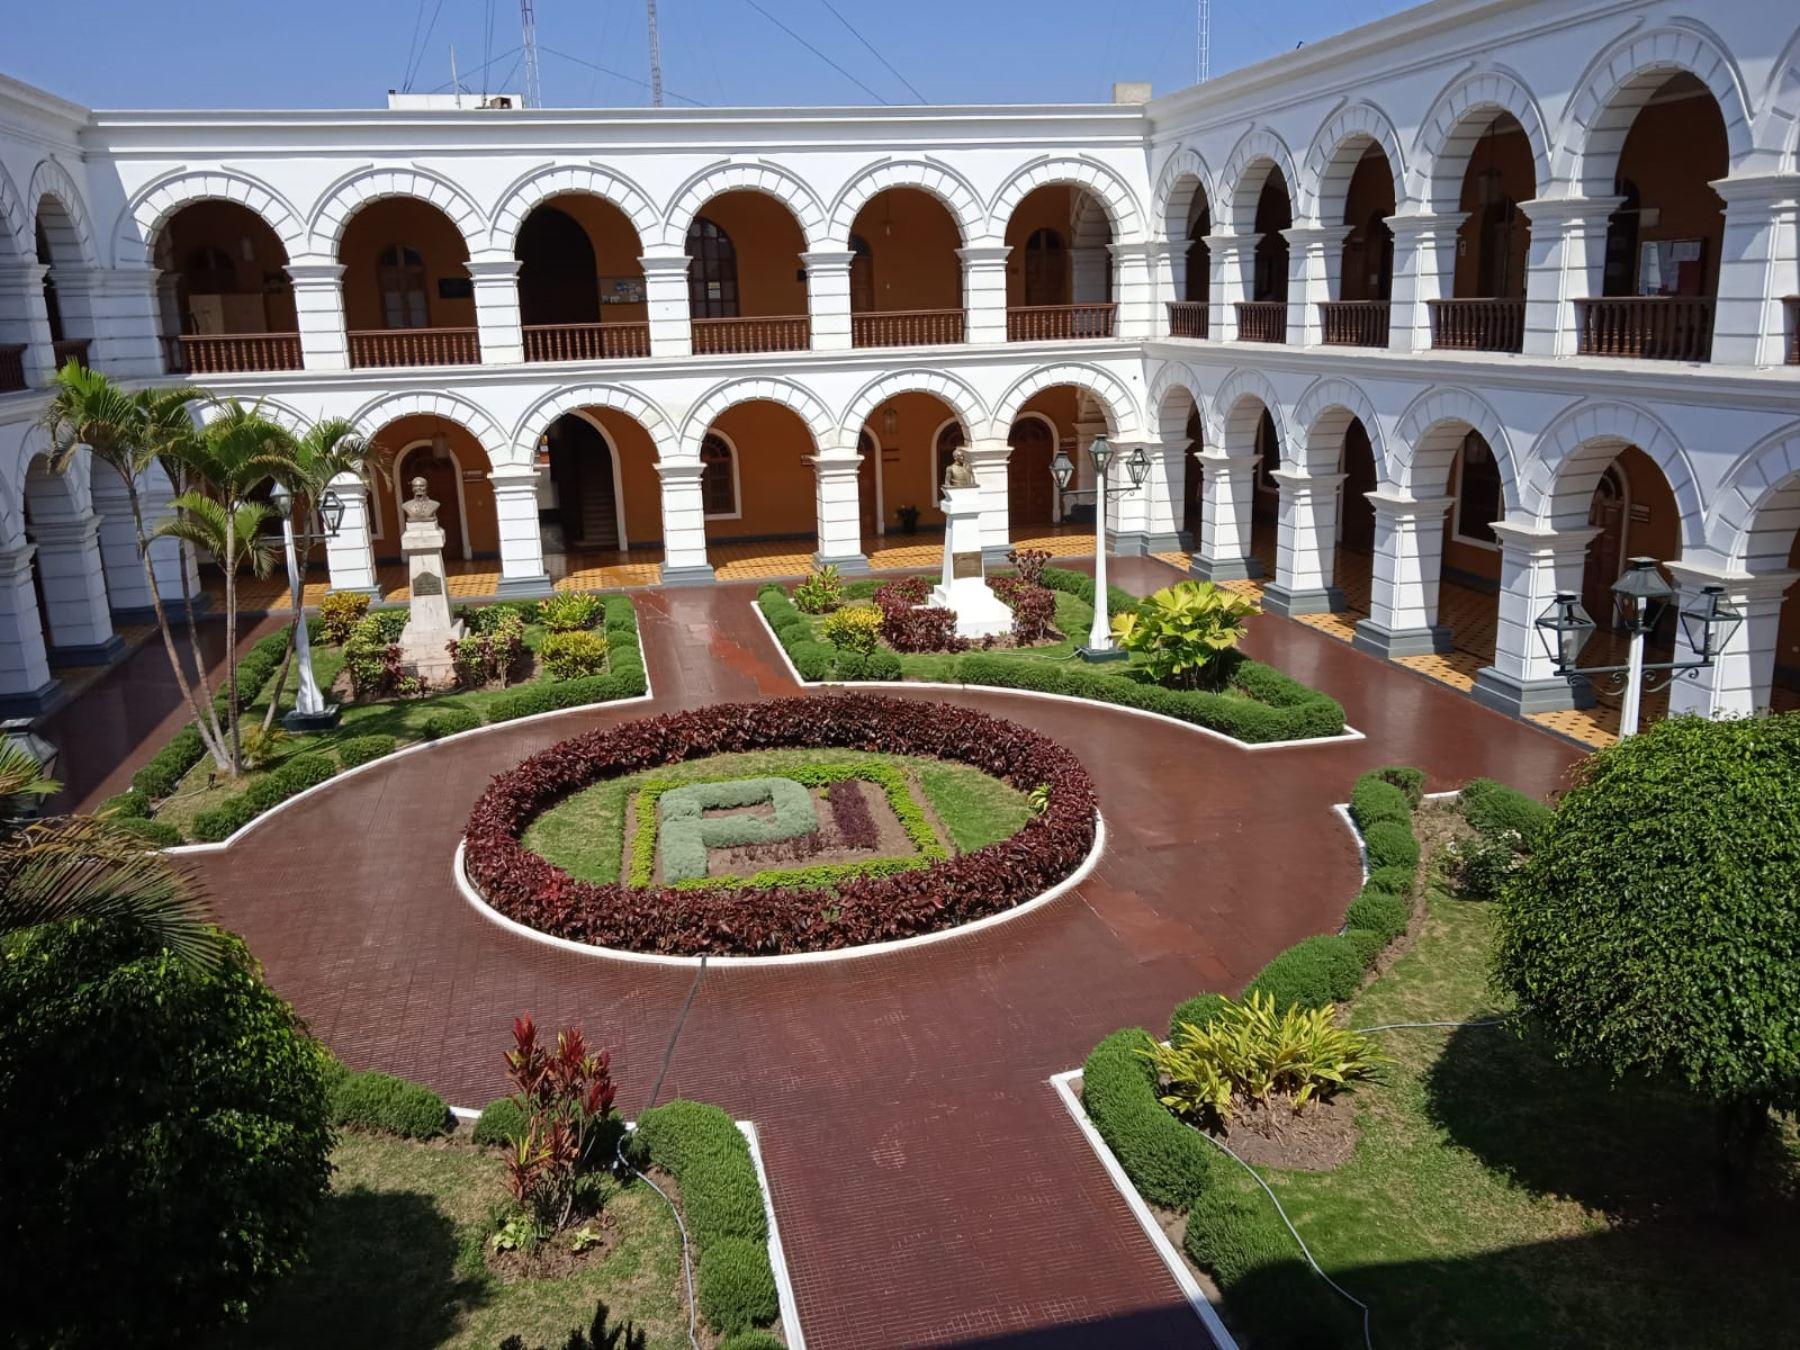 La histórica sede de la Corte Superior de La Libertad formará parte del circuito turístico de la ciudad de Trujillo. Foto: Vanessa Graos